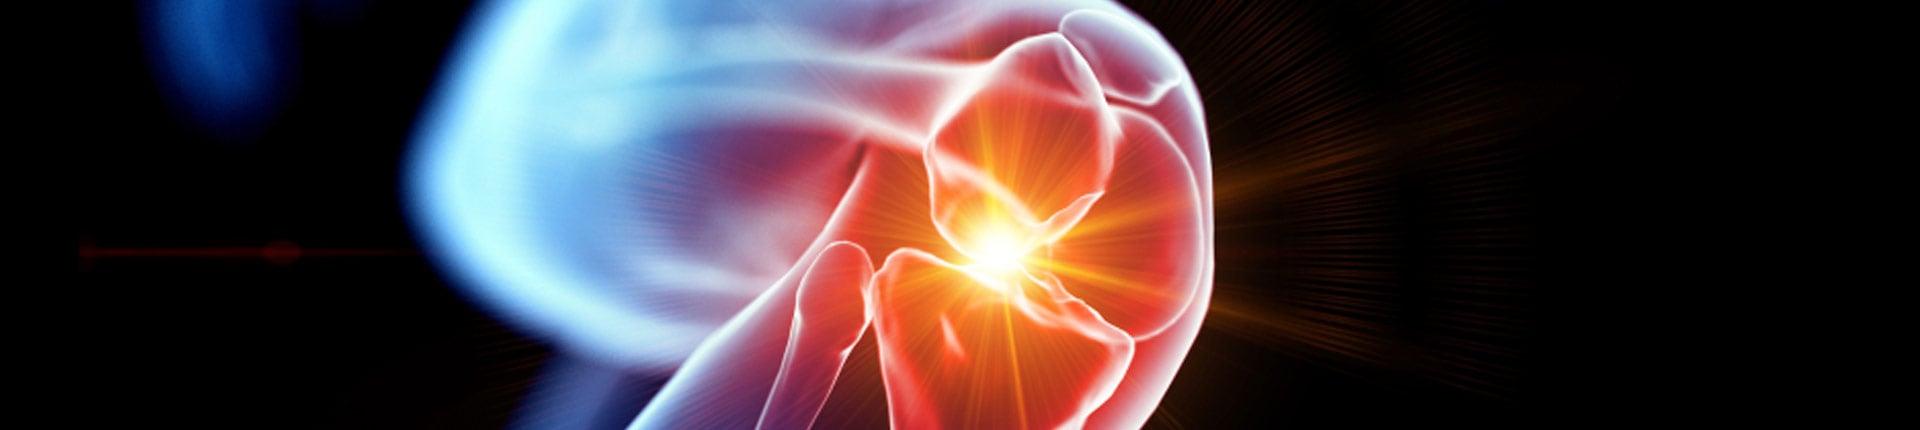 Glicyna skutecznie wzmacnia stawy. Co zawiera najwięcej glicyny?